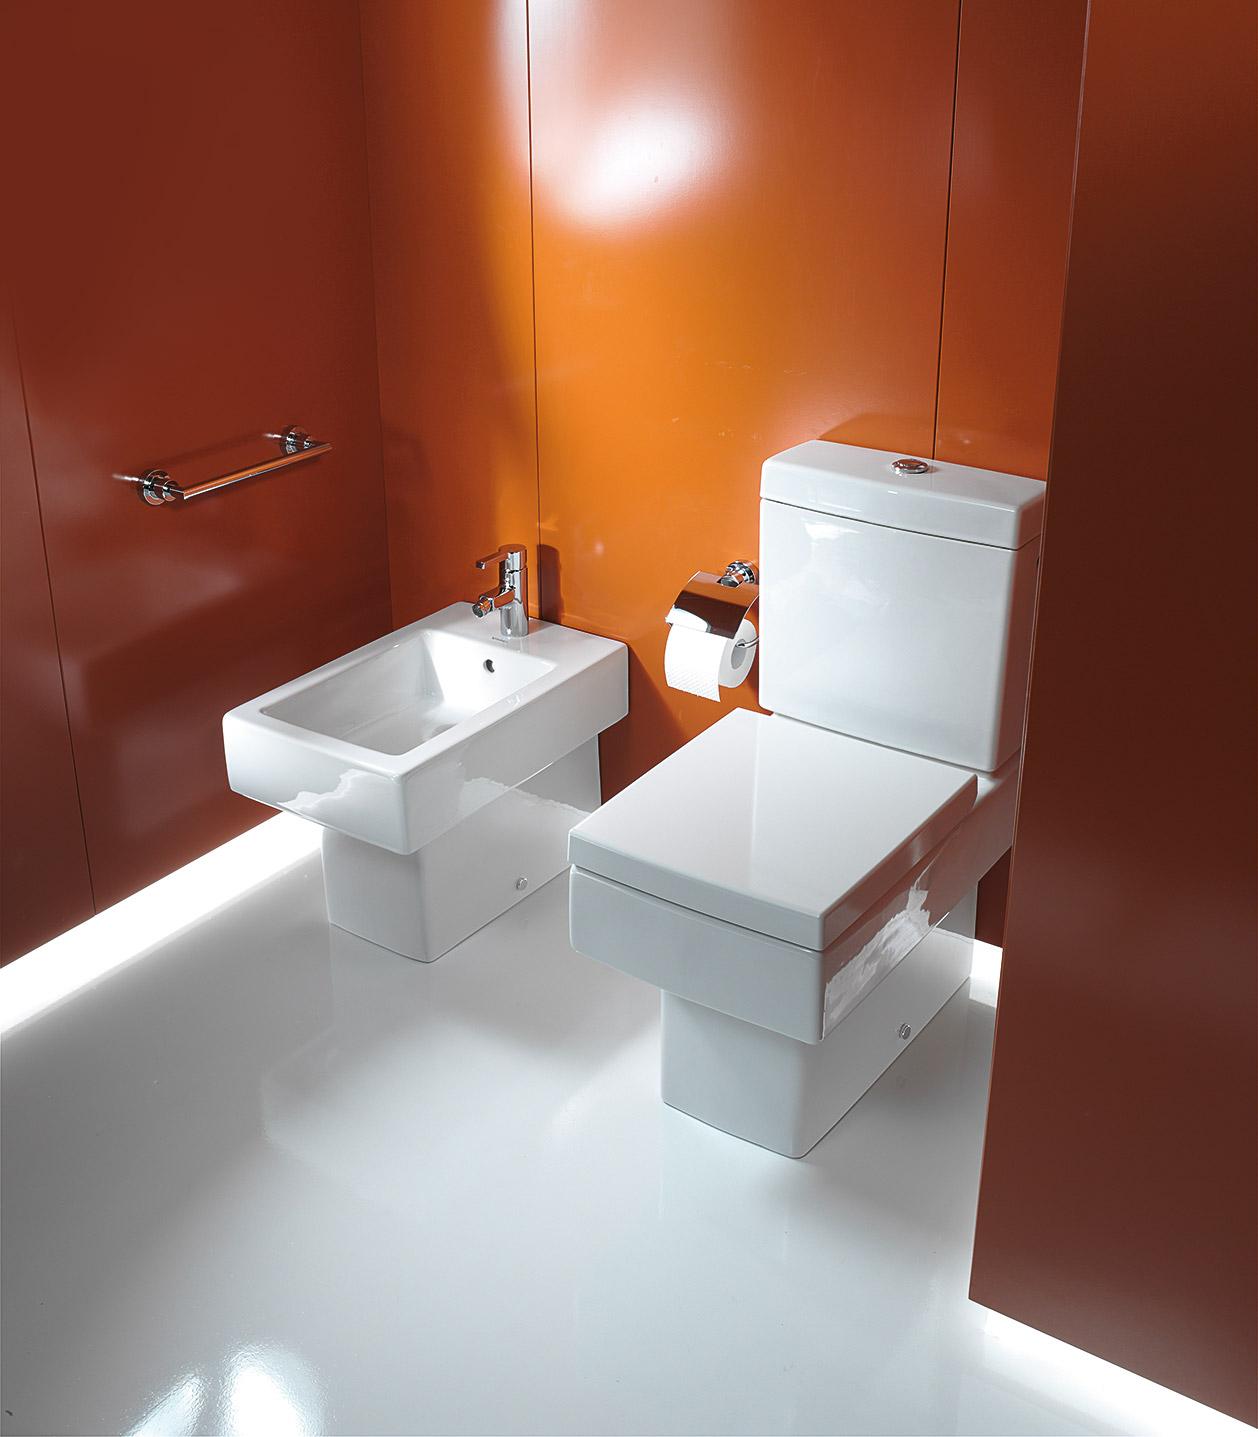 Vegghengt Toalett Ml. Free Target Standard With Vegghengt Toalett ...